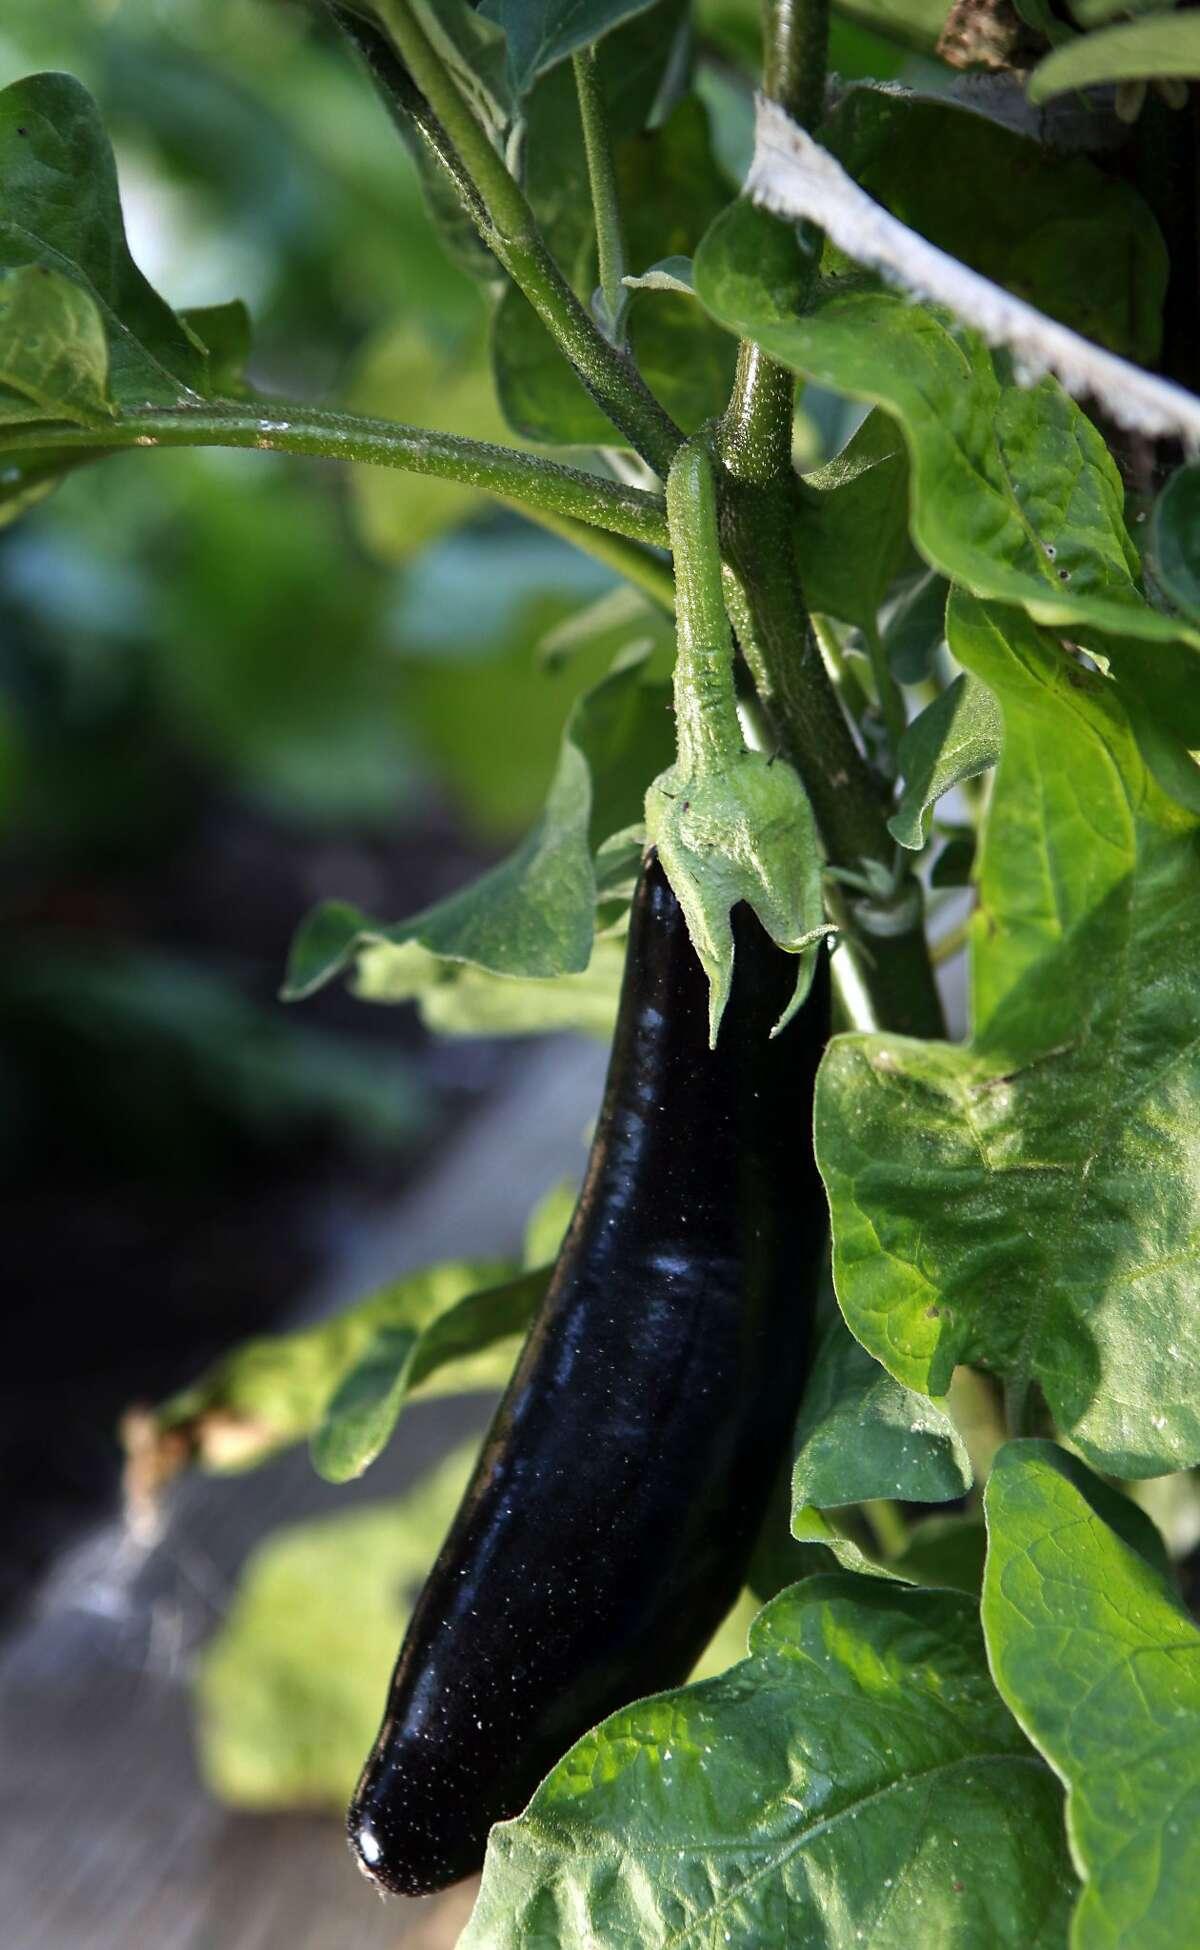 Italian eggplant ripens on the vine at Rosetta Costantino Italian garden in the Oakland hills. Thursday, Sept. 9, 2010.